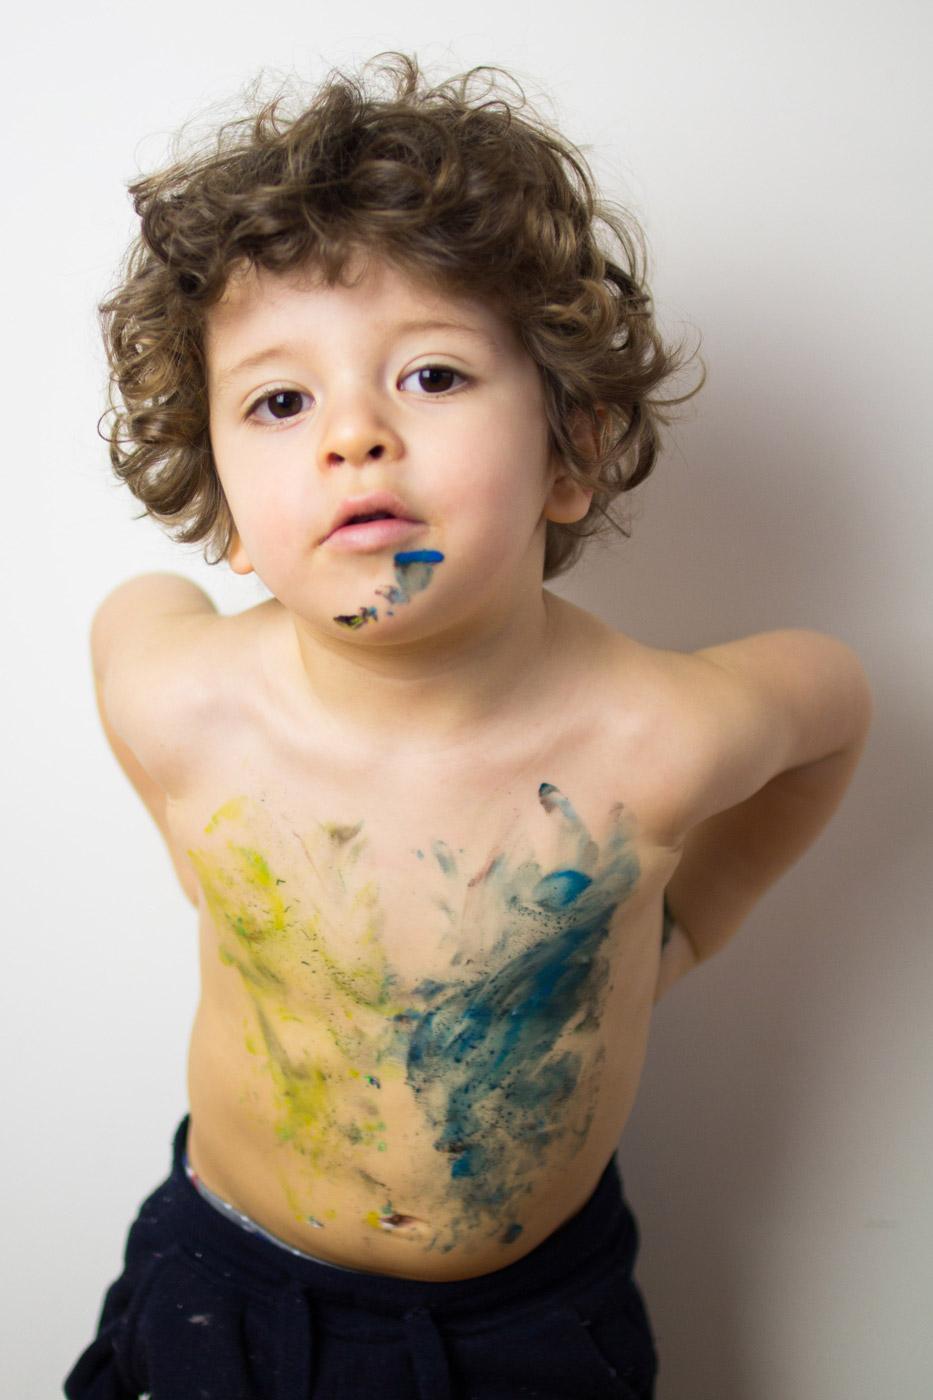 niño de dos años con pinturas en el cuerpo